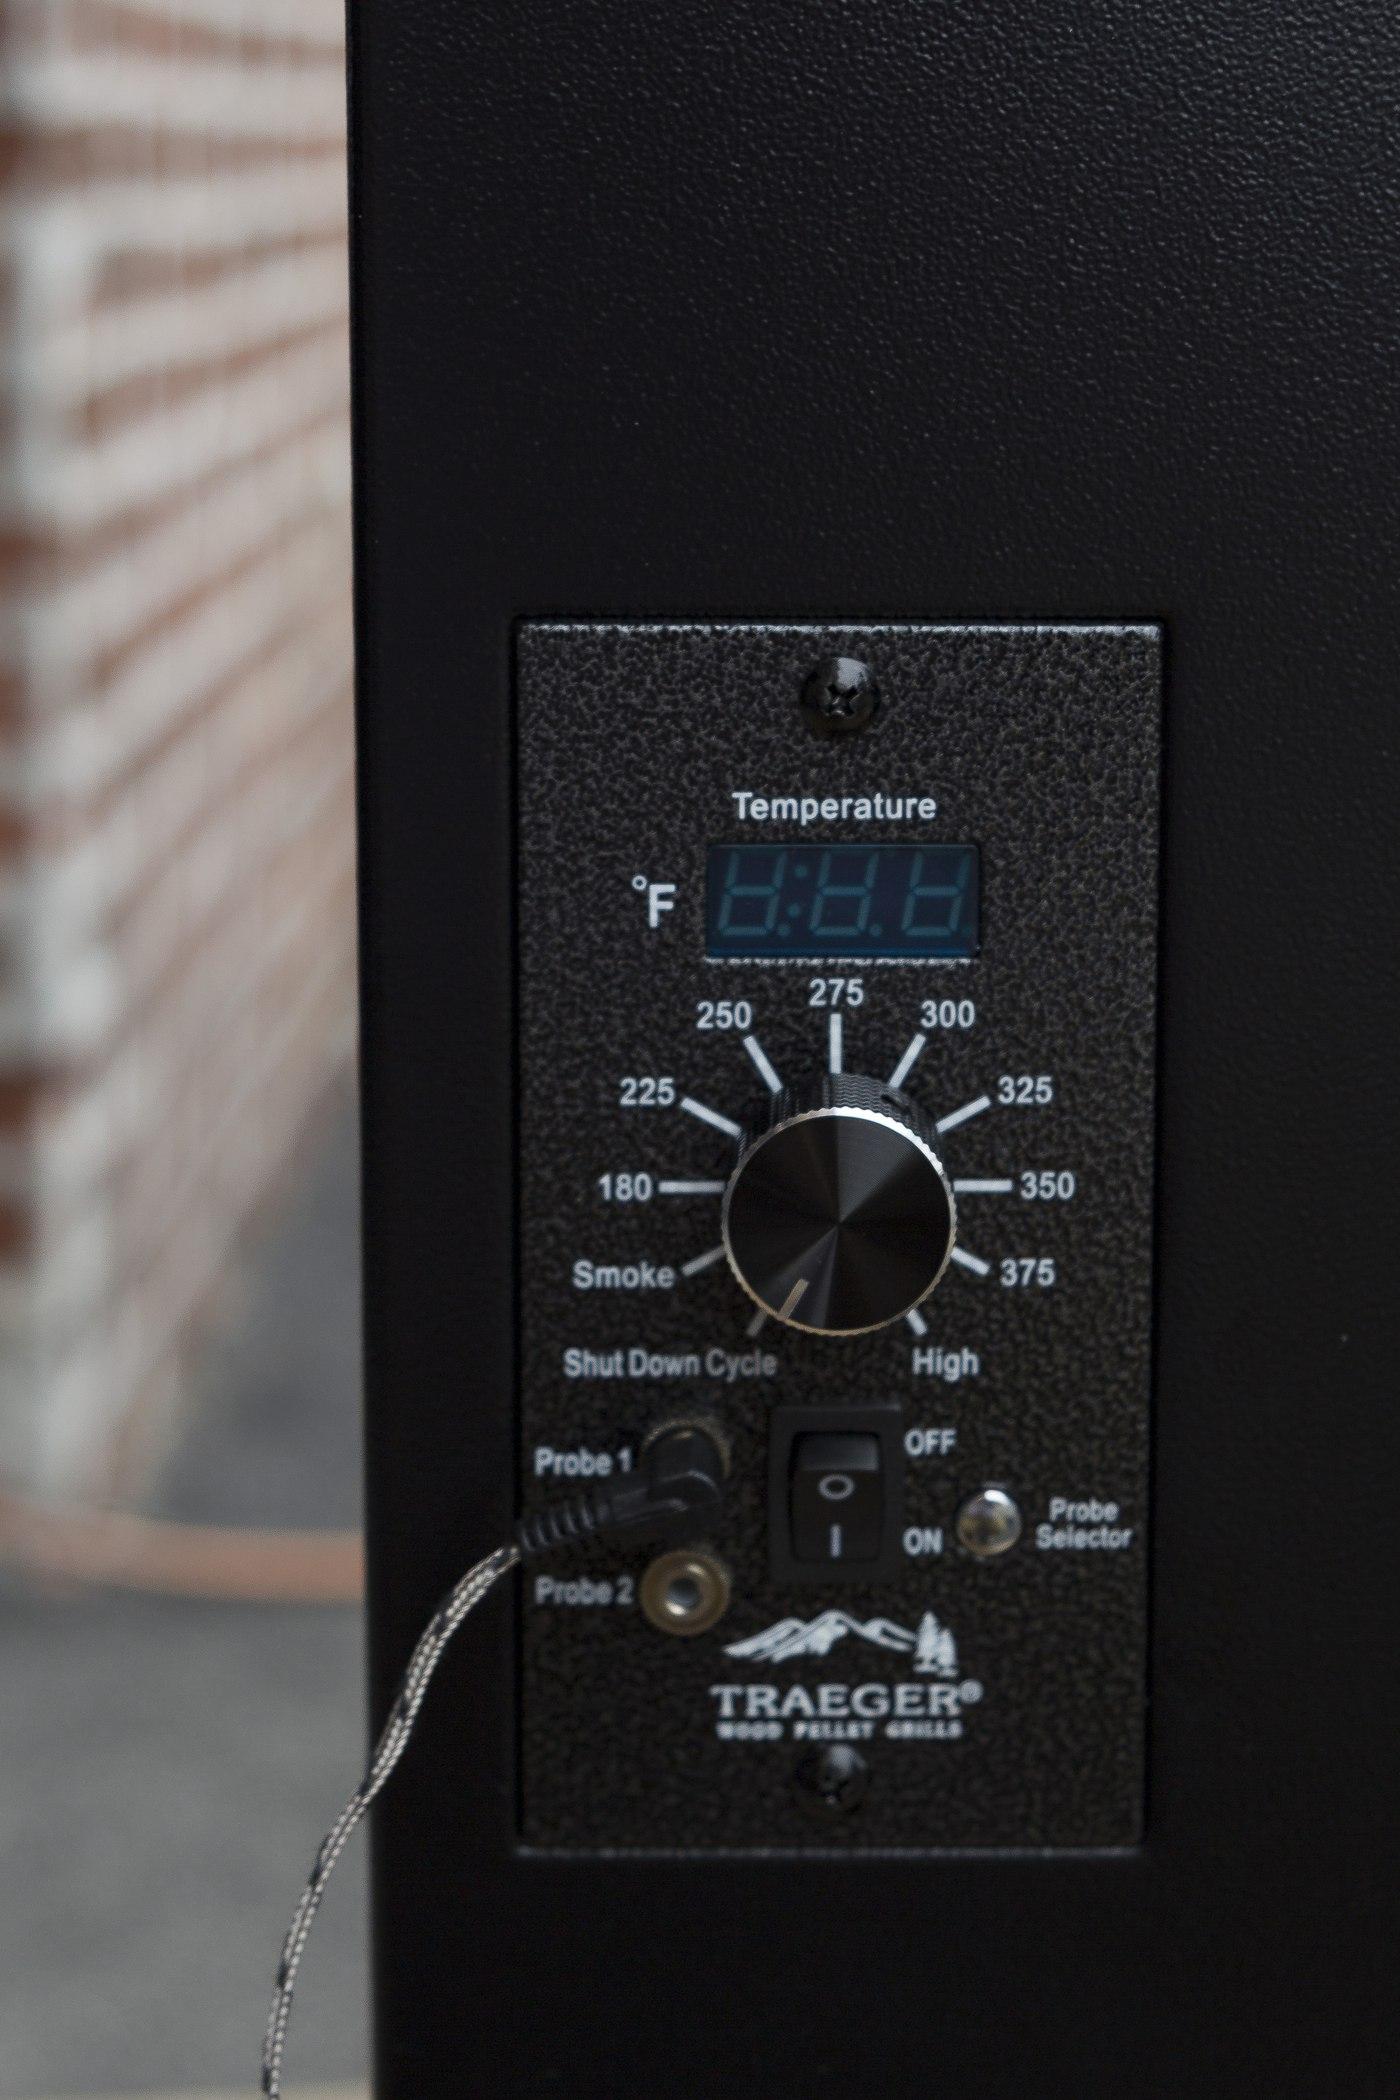 traeger grill temperature probe